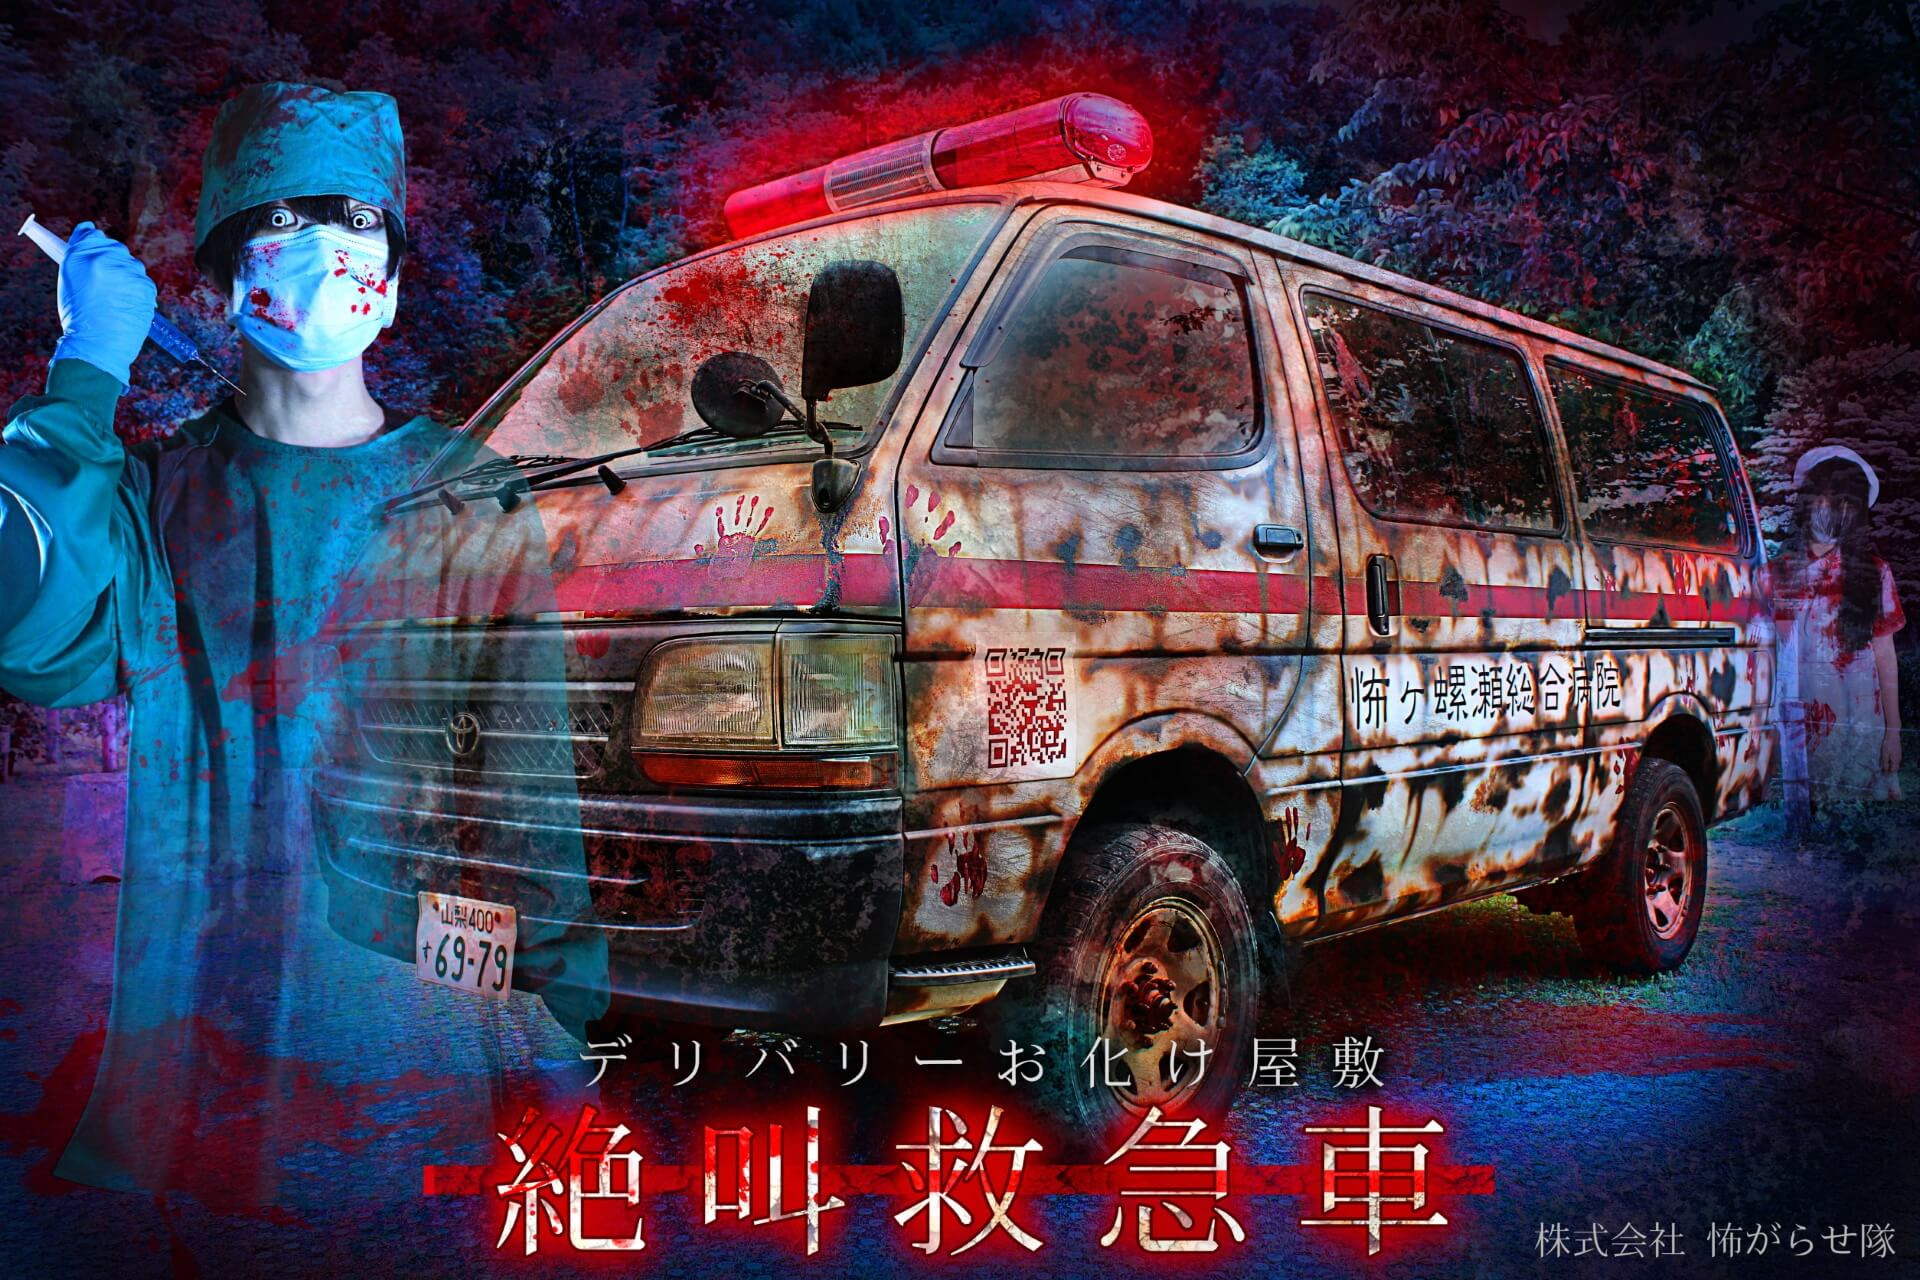 この夏はデリバリーで恐怖体験ができる!?日本初のデリバリー型のお化け屋敷『絶叫救急車』で超新感覚のホラー体験を…